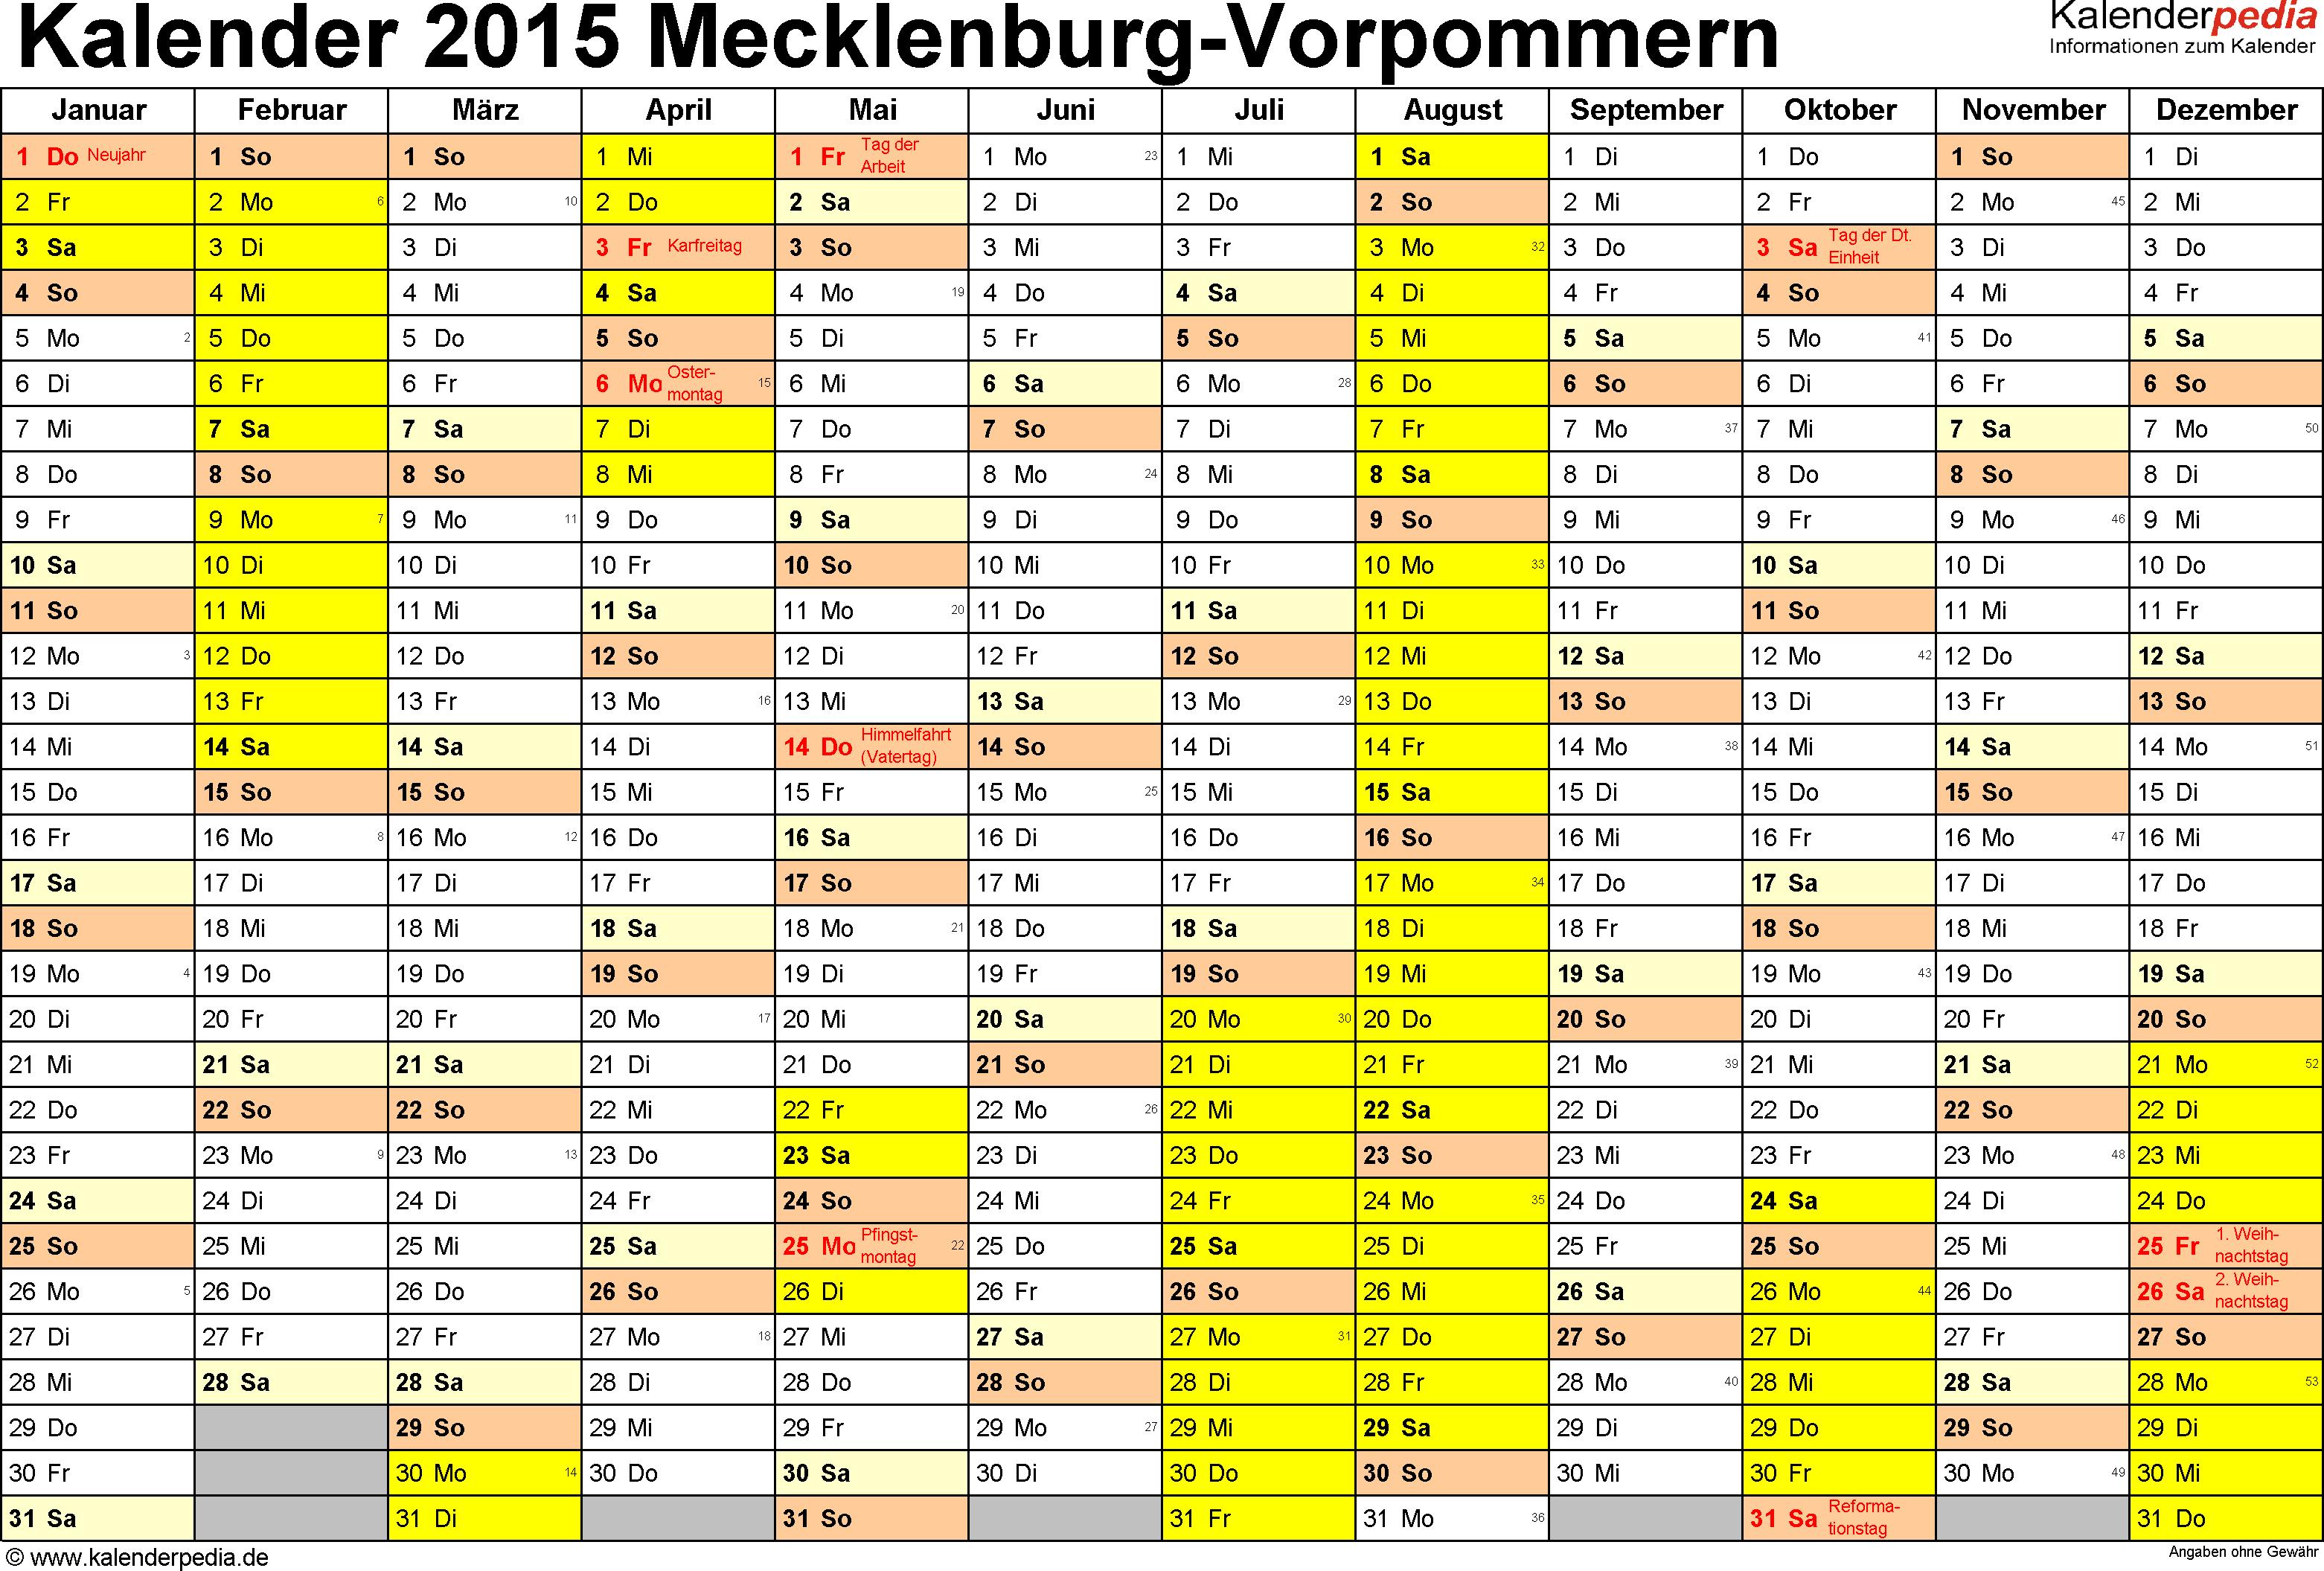 Vorlage 1: Kalender 2015 für Mecklenburg-Vorpommern als PDF-Vorlagen (Querformat, 1 Seite)